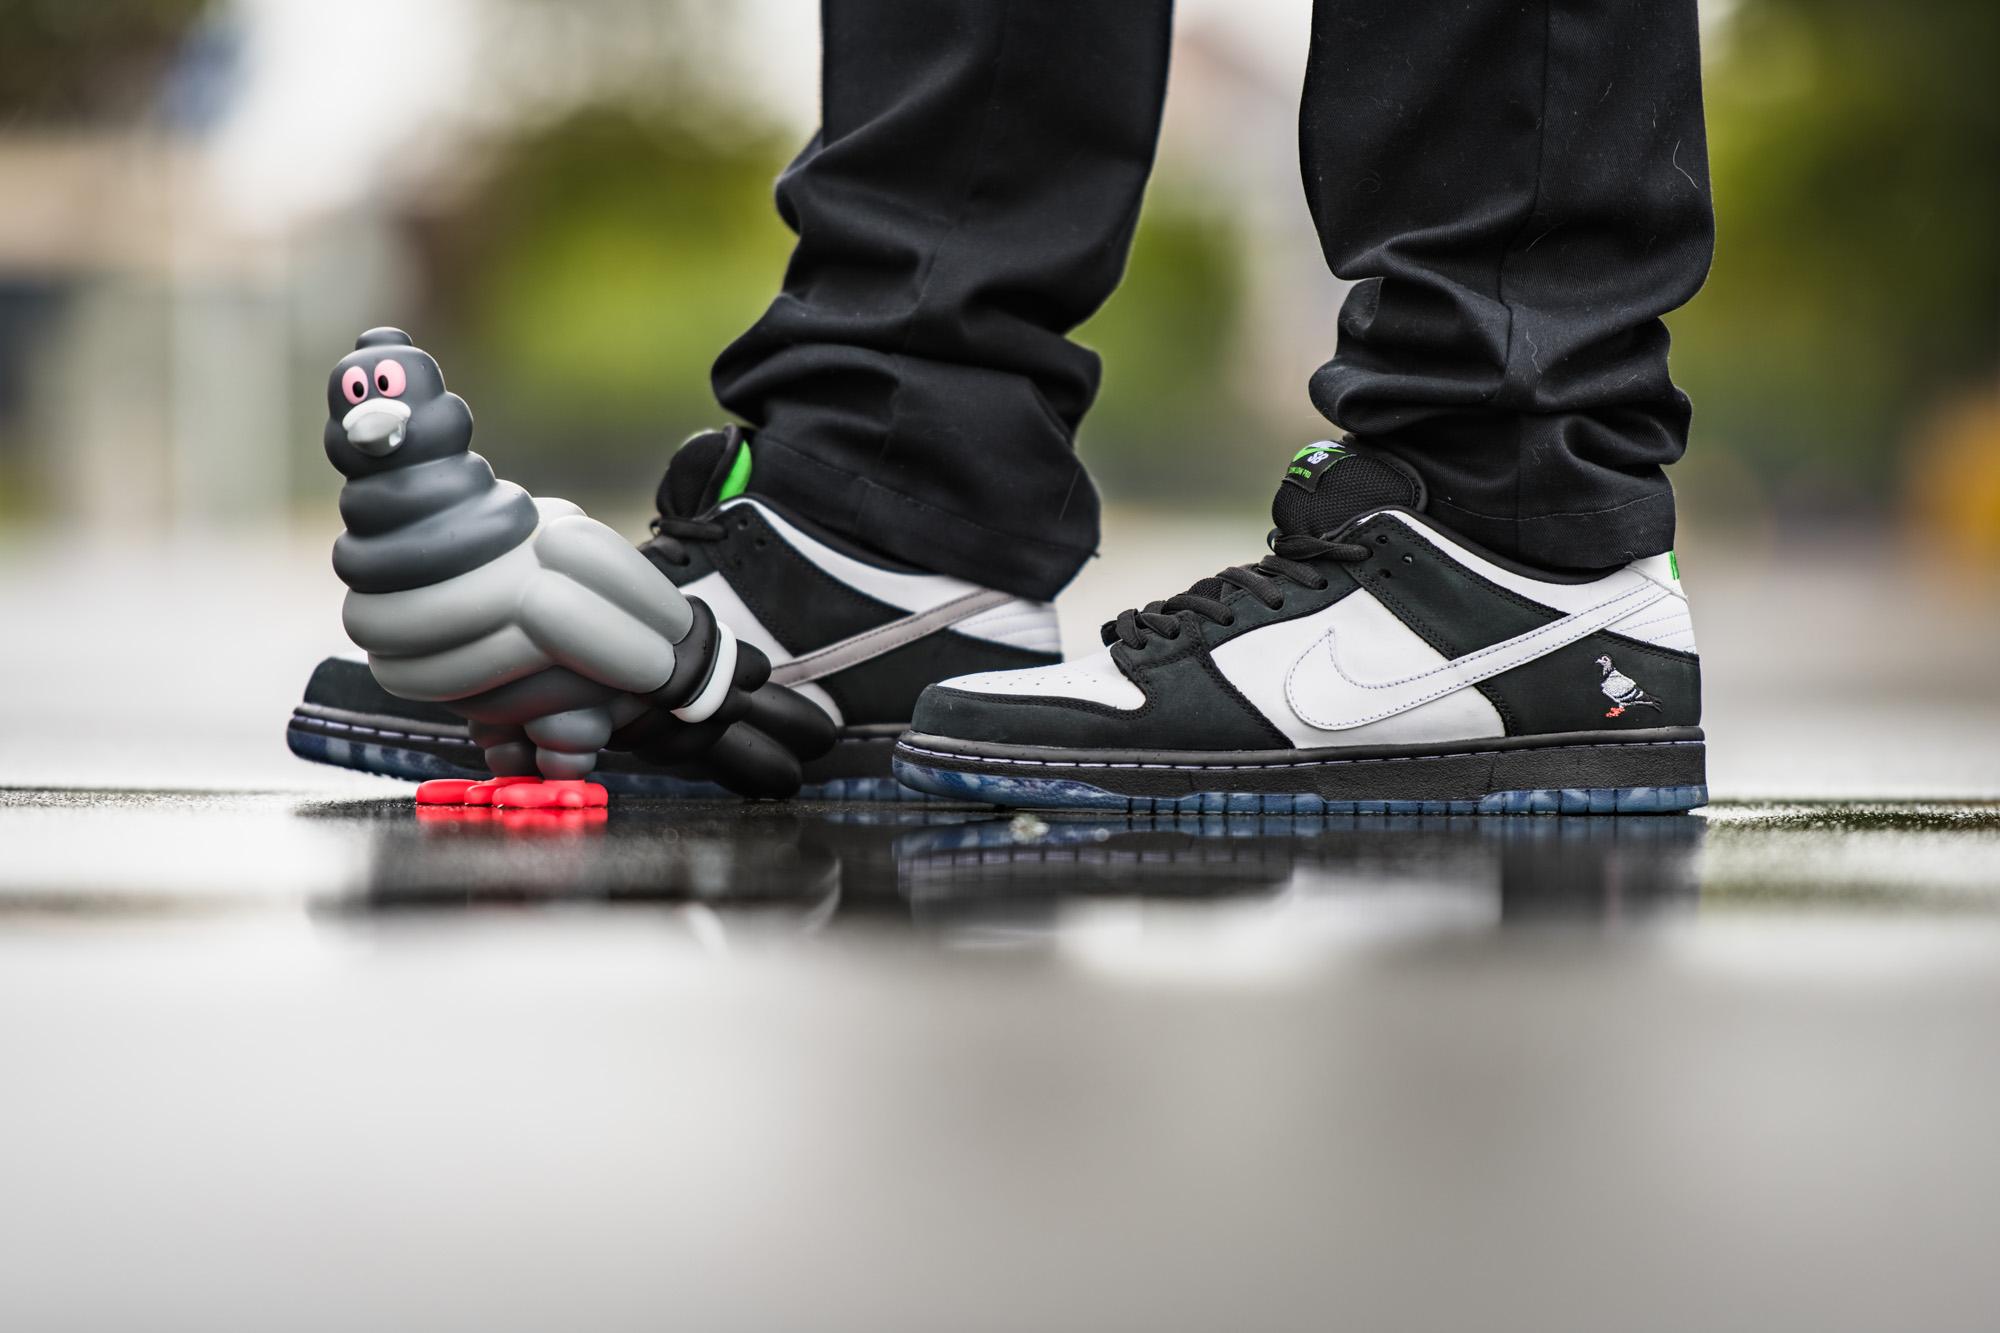 Nike SB Panda Pigeon - Kid Robot Pigeon